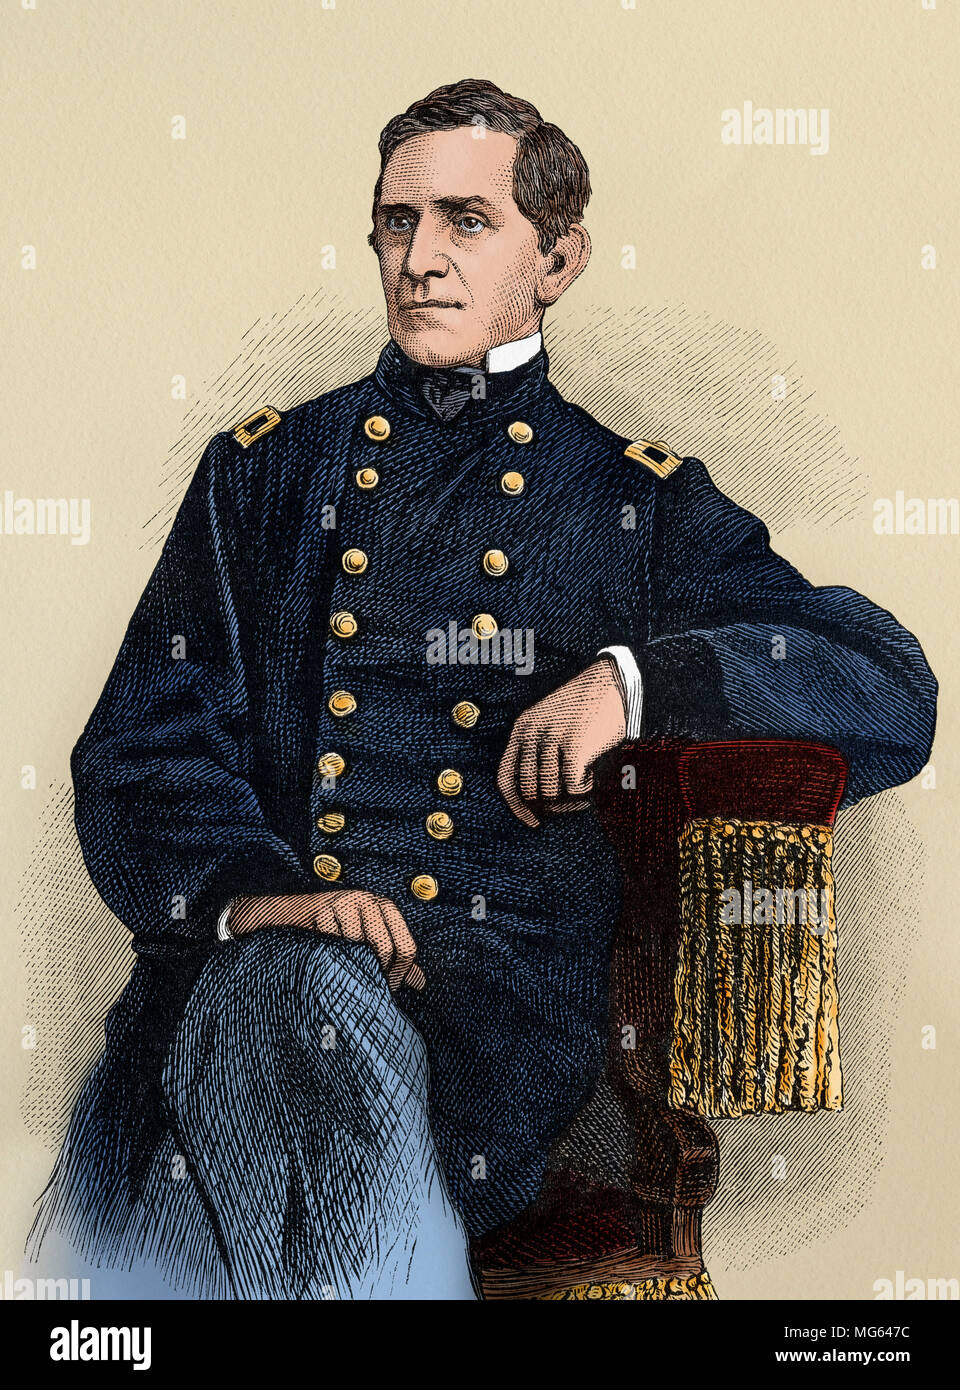 El General de División del ejército de unión Edward Sprigg Canby. Xilografía coloreada digitalmente Imagen De Stock